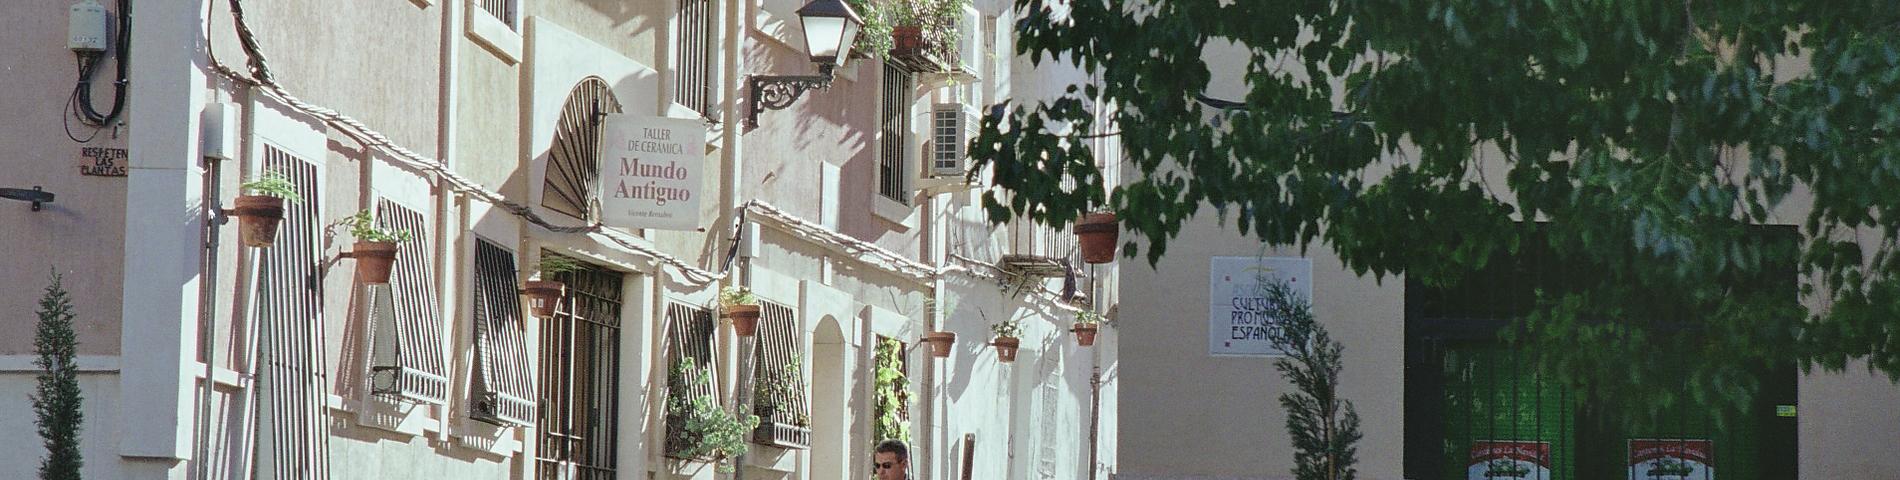 Proyecto Español foto 1